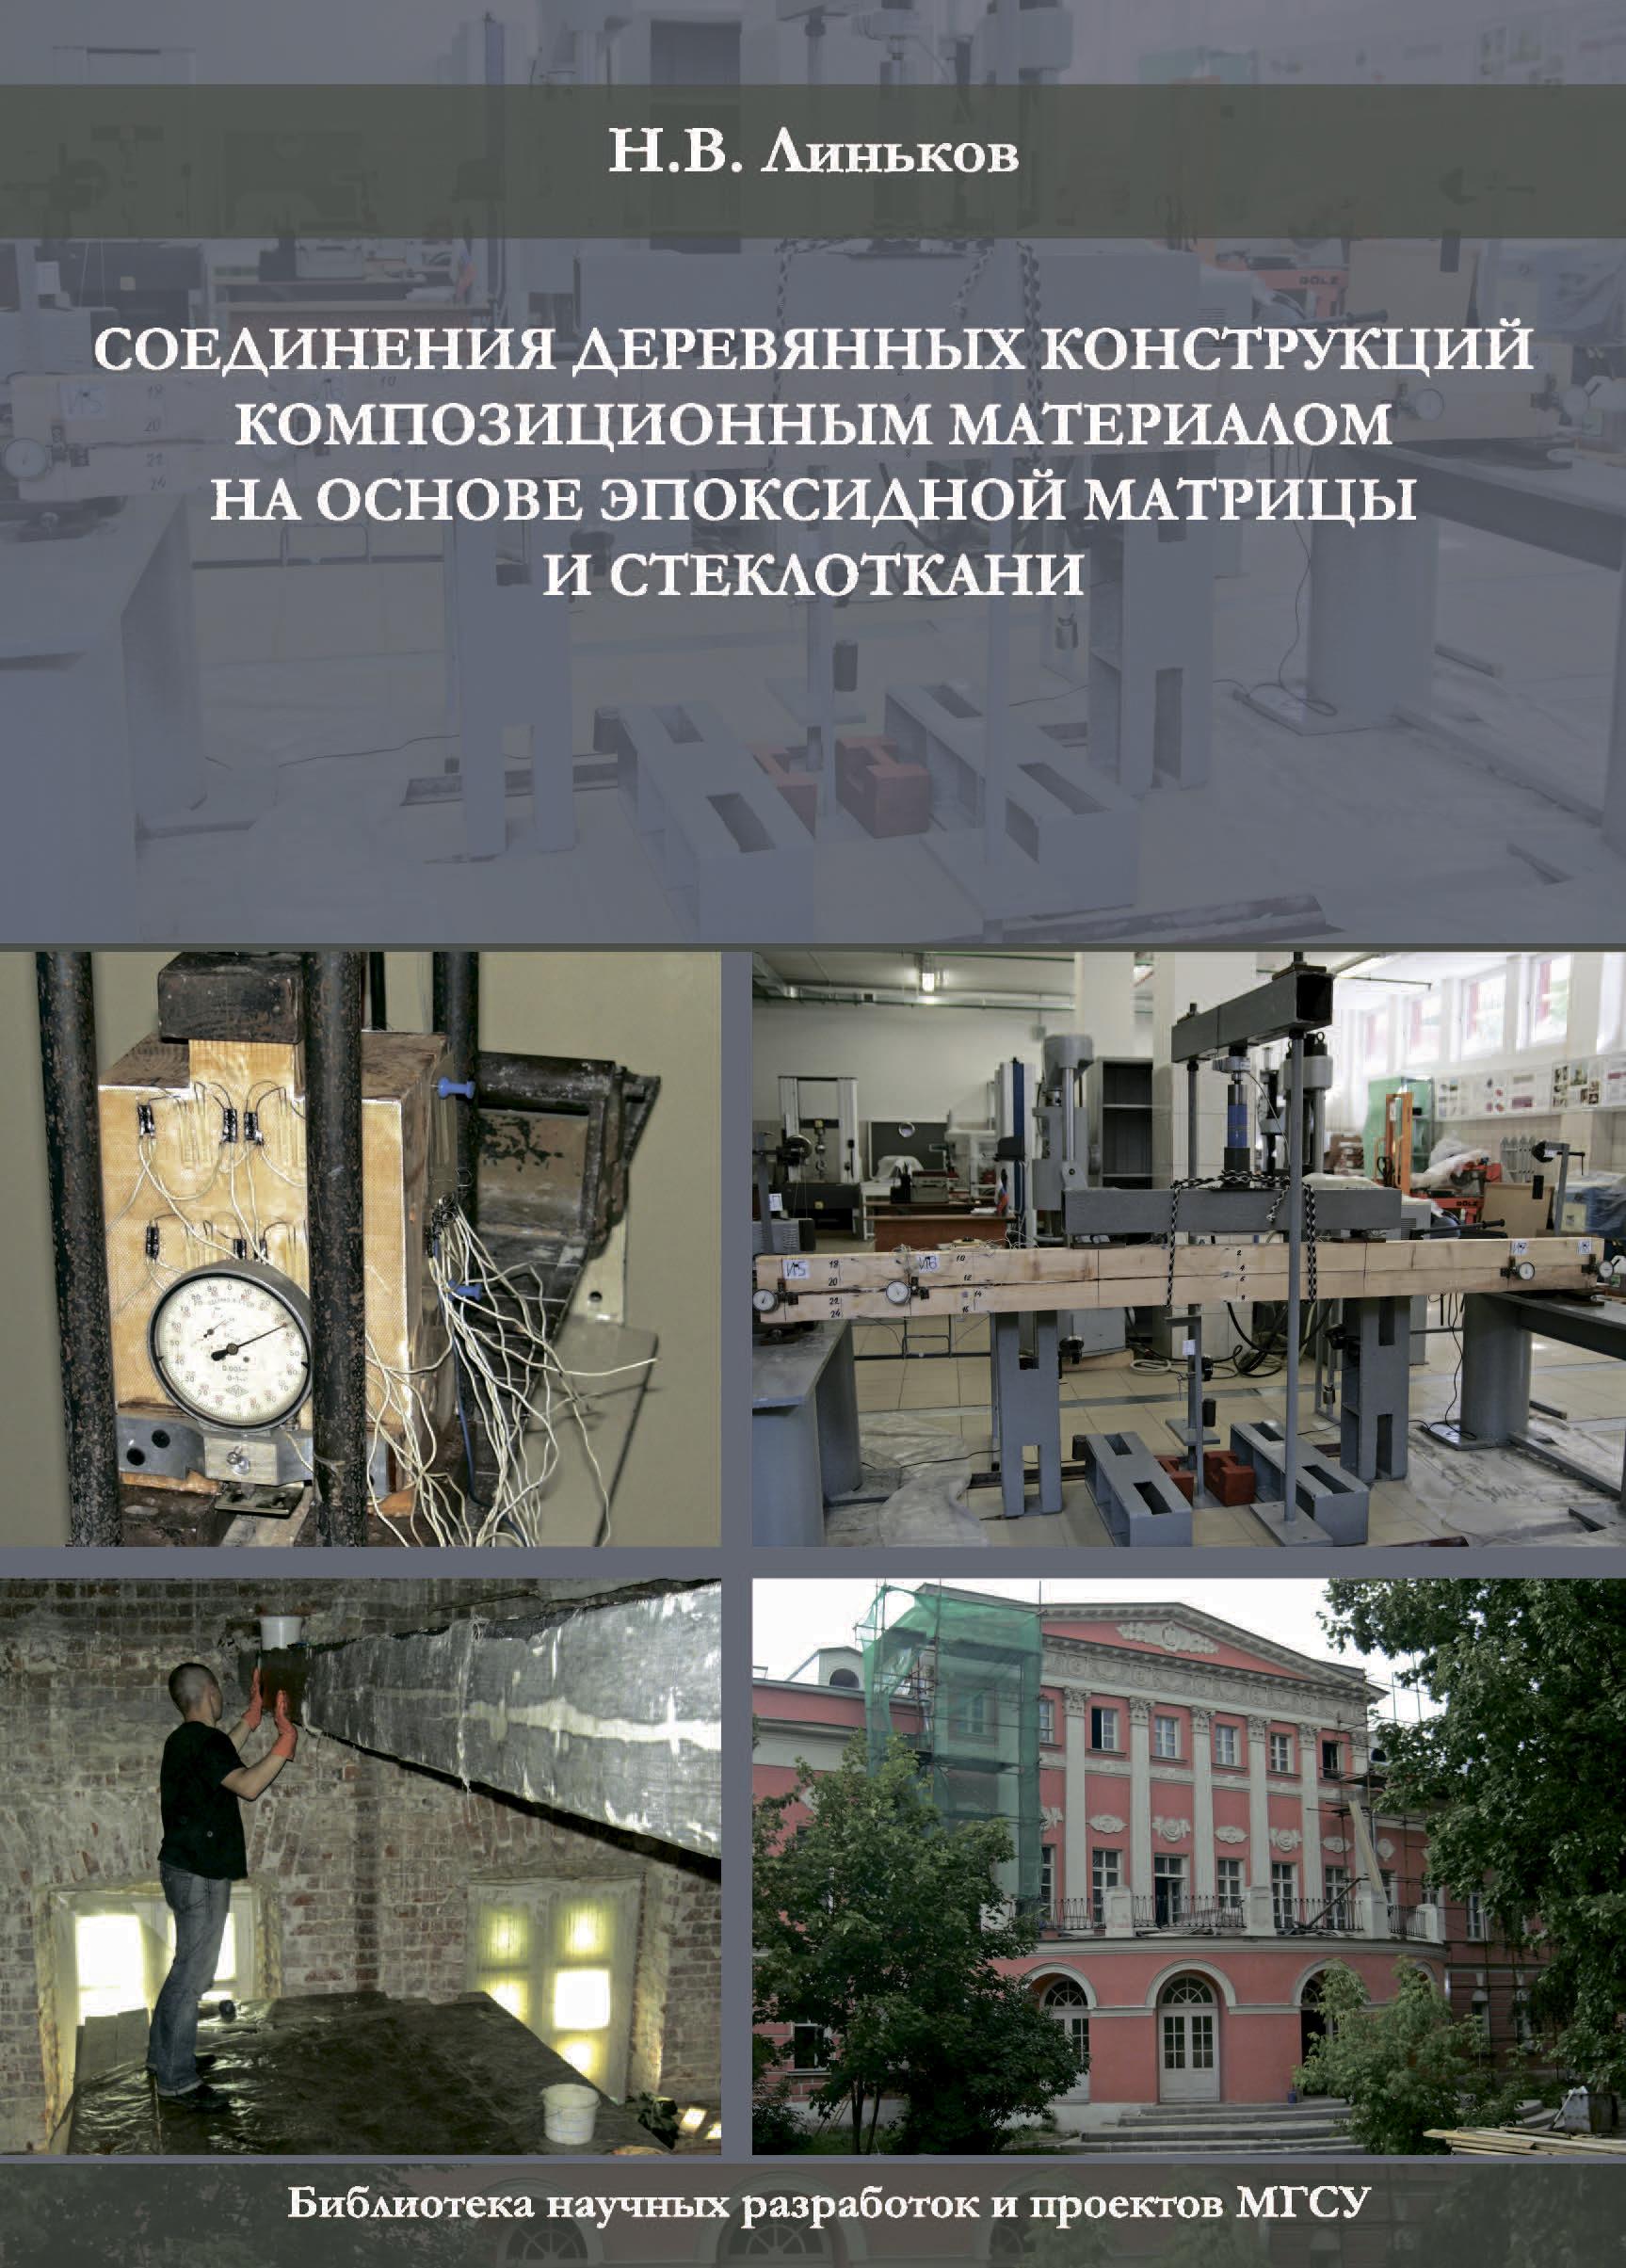 Николай Линьков Соединение деревянных конструкций композиционным материалом на основе эпоксидной матрицы и стеклоткани